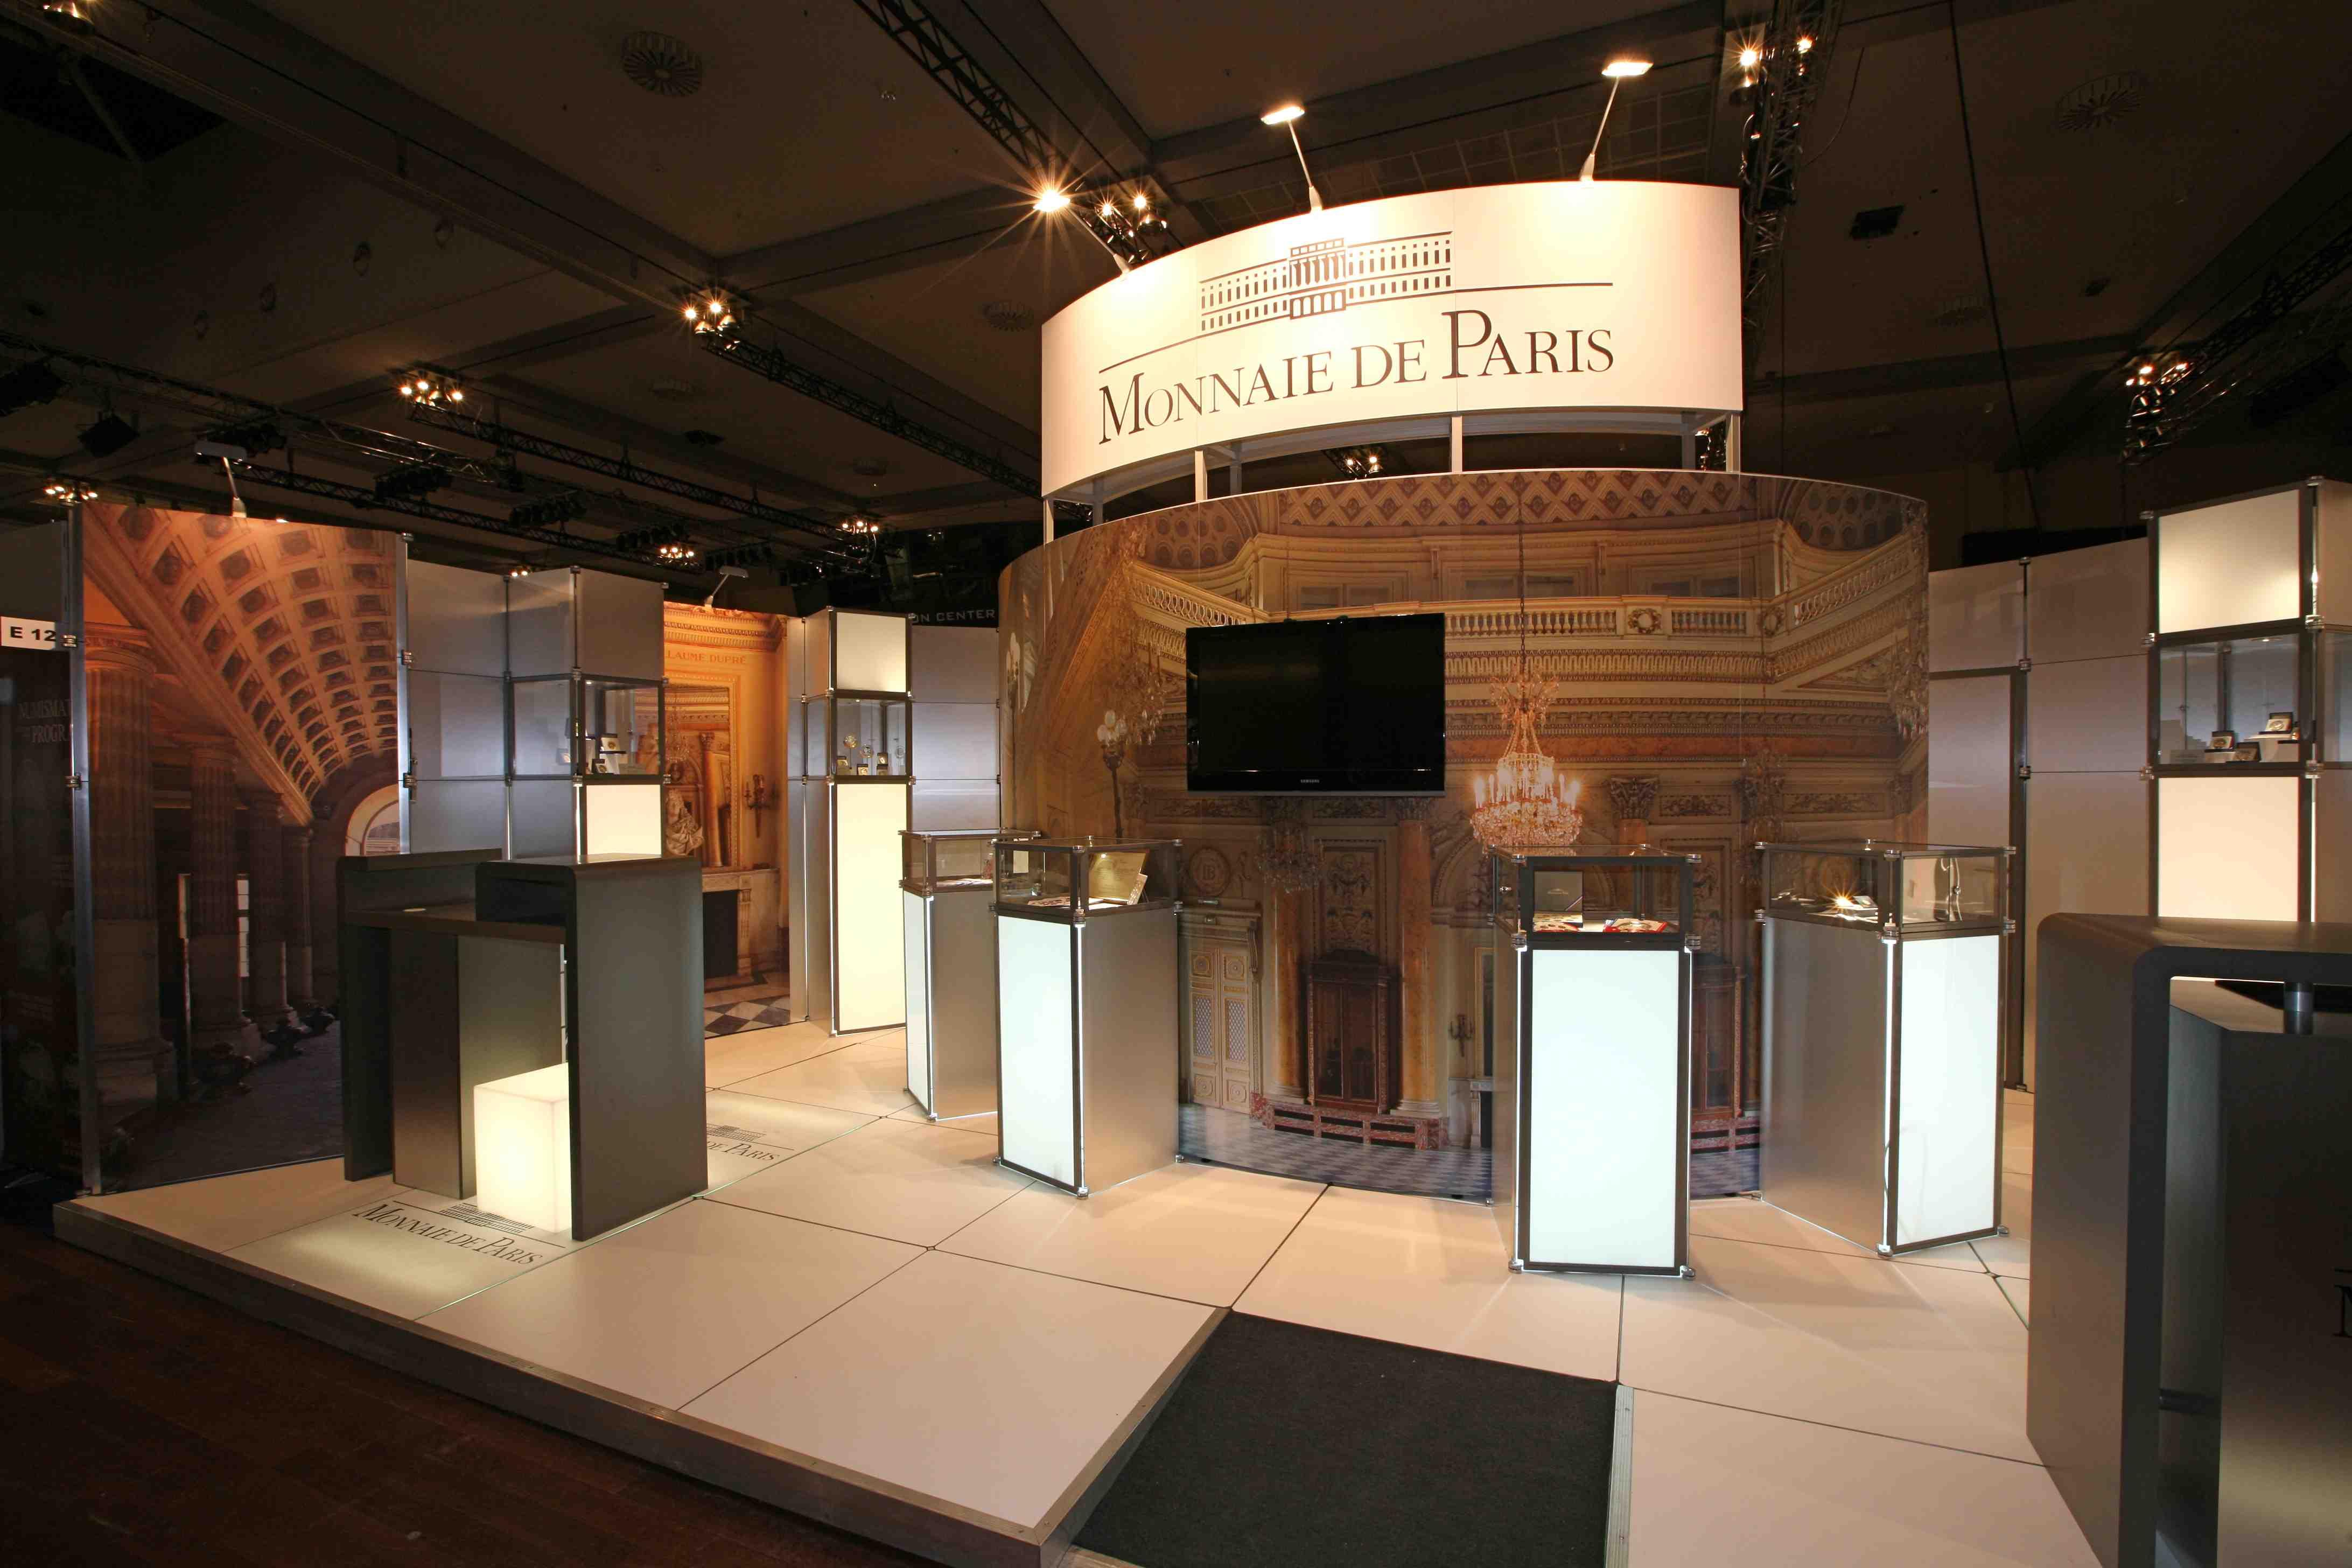 Stand modulaire Monnaie de Paris 2010 (2)